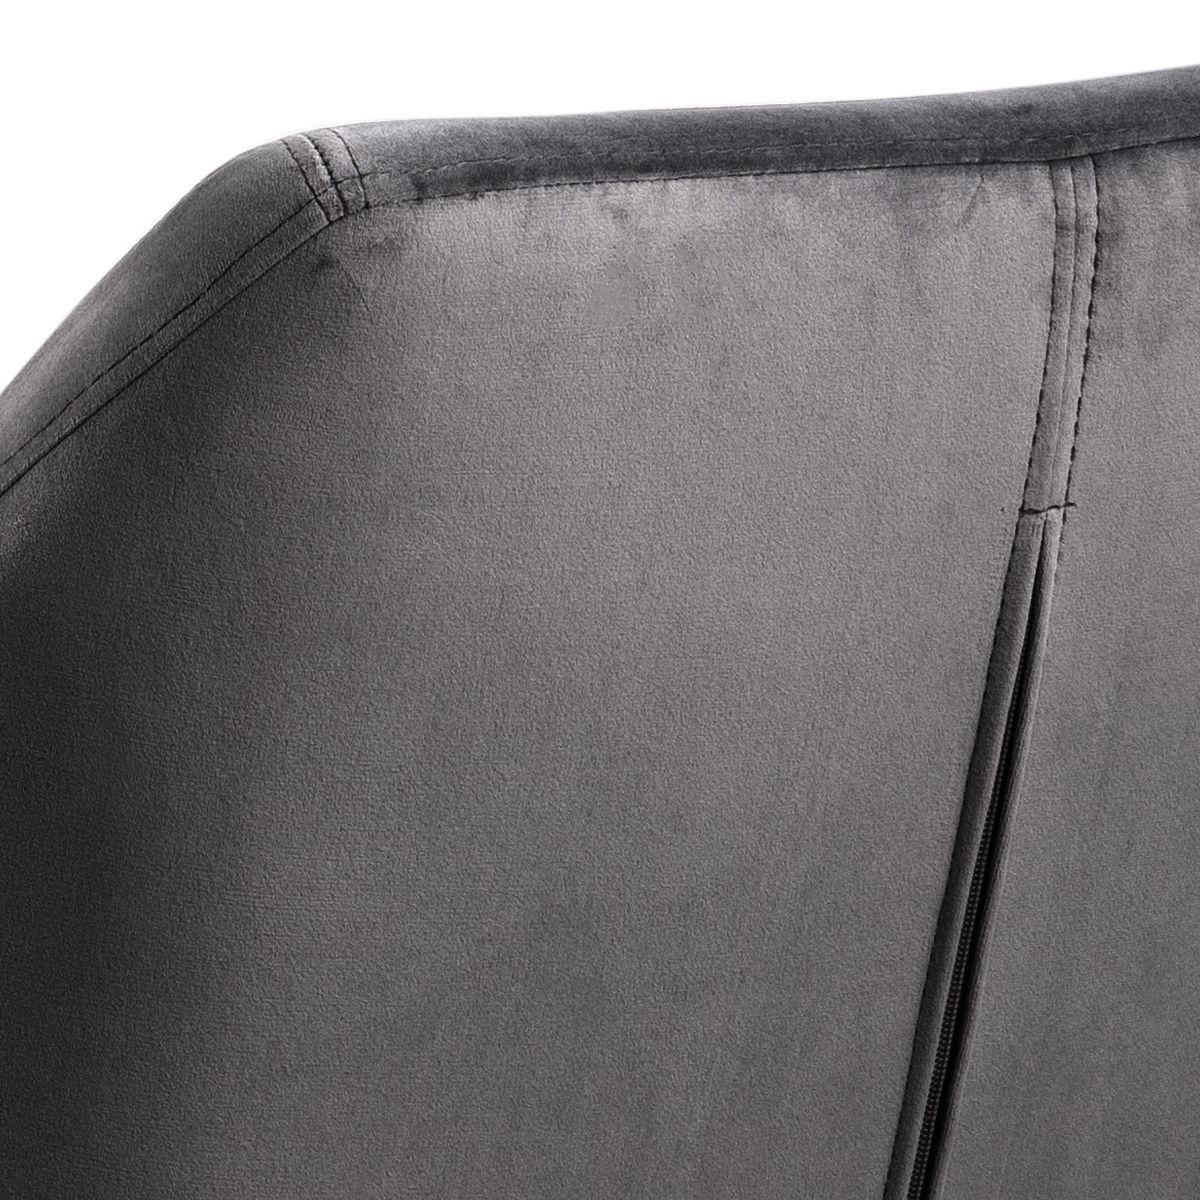 nora-fauteuil-houten-poten-grijs-velours-stof-3